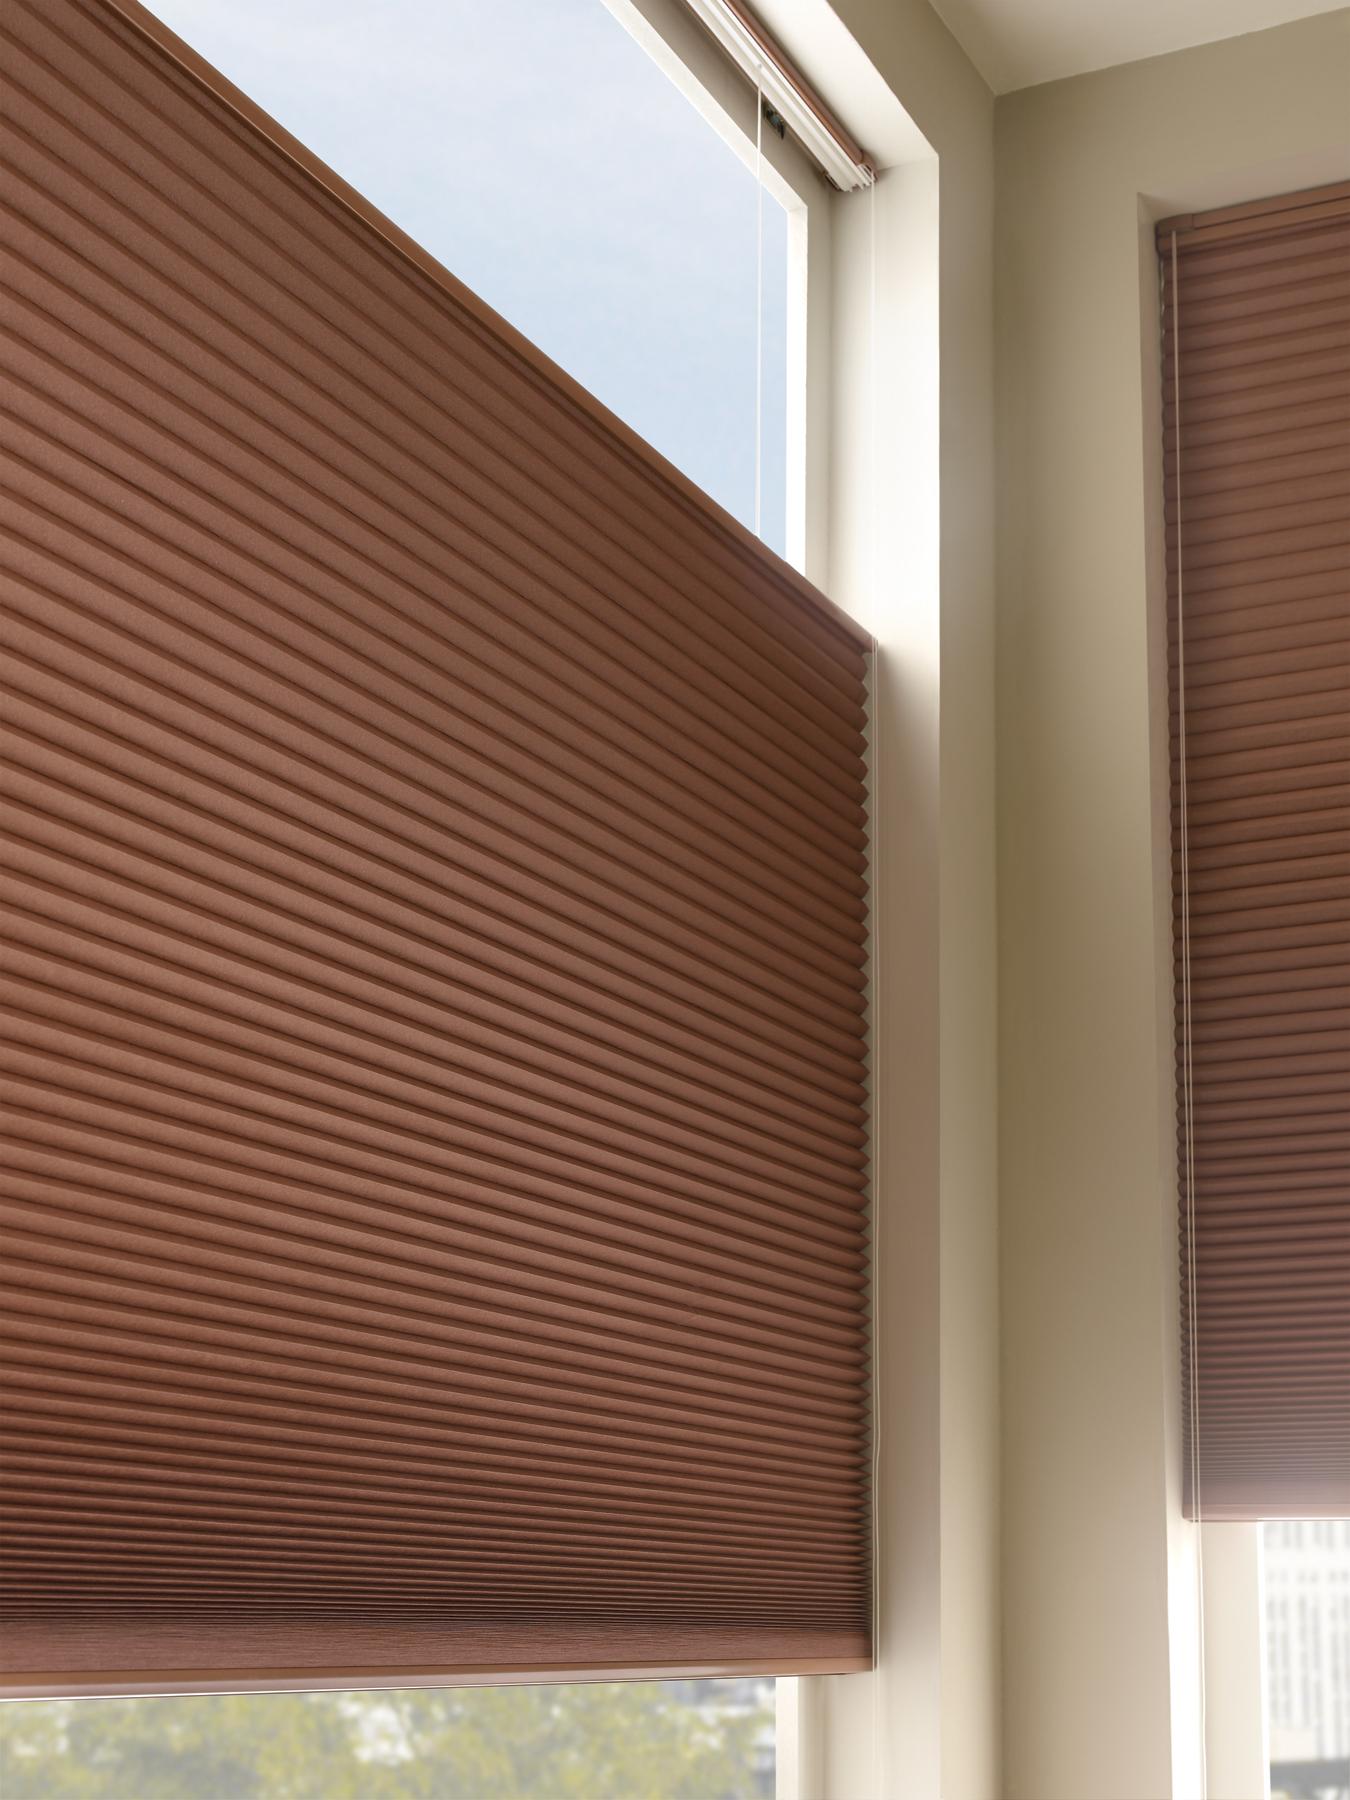 Honeycomb Blinds Cellular Blinds